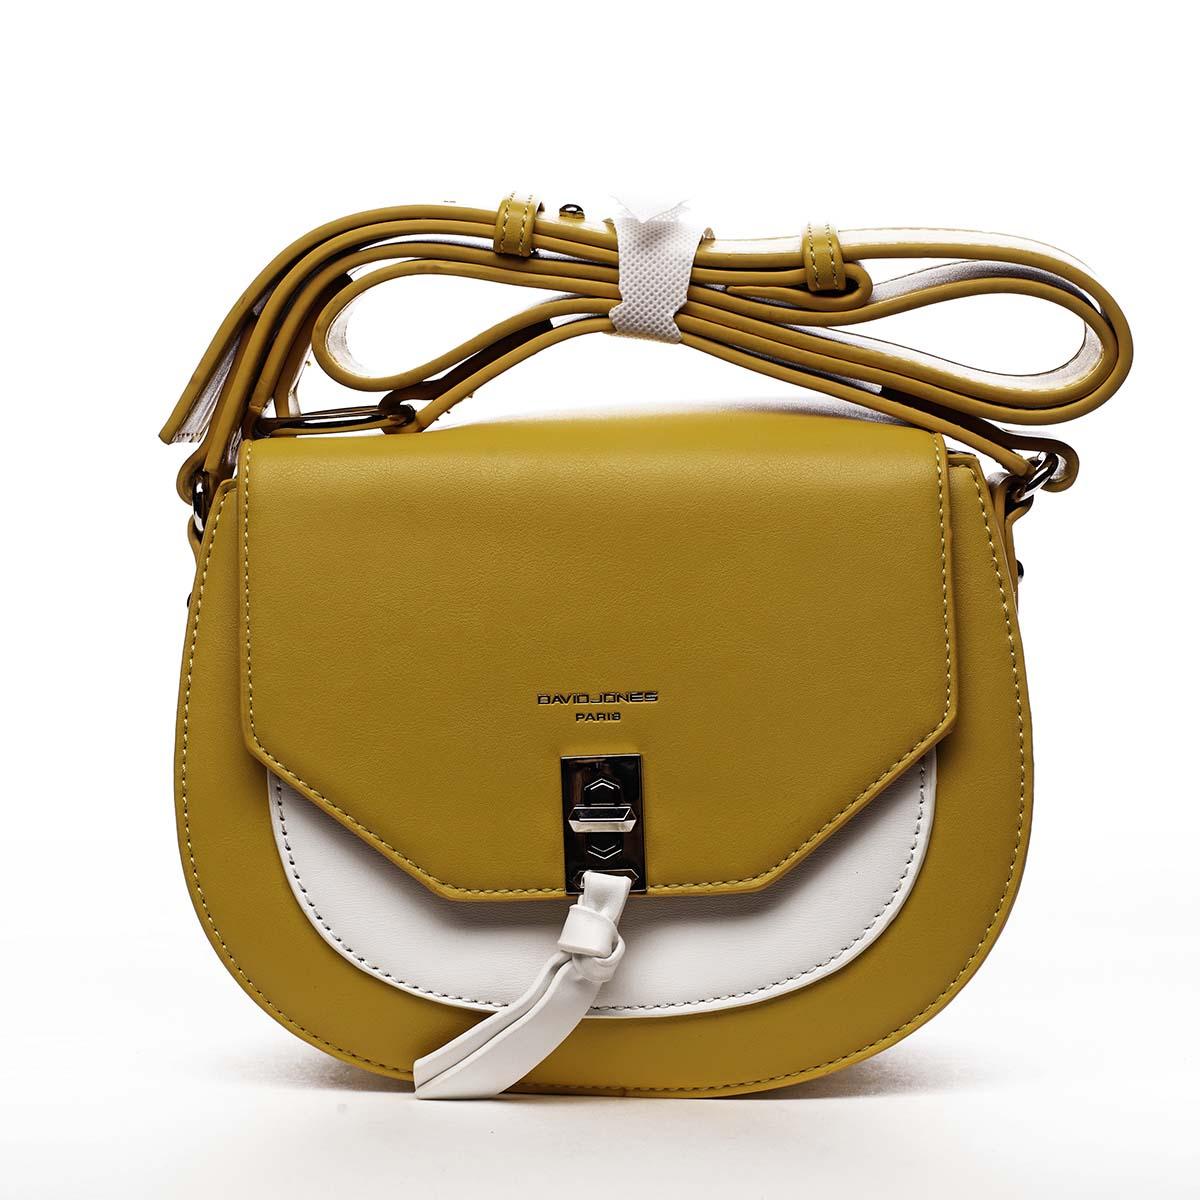 Dámská crossbody kabelka žlutá - David Jones Rapida žlutá